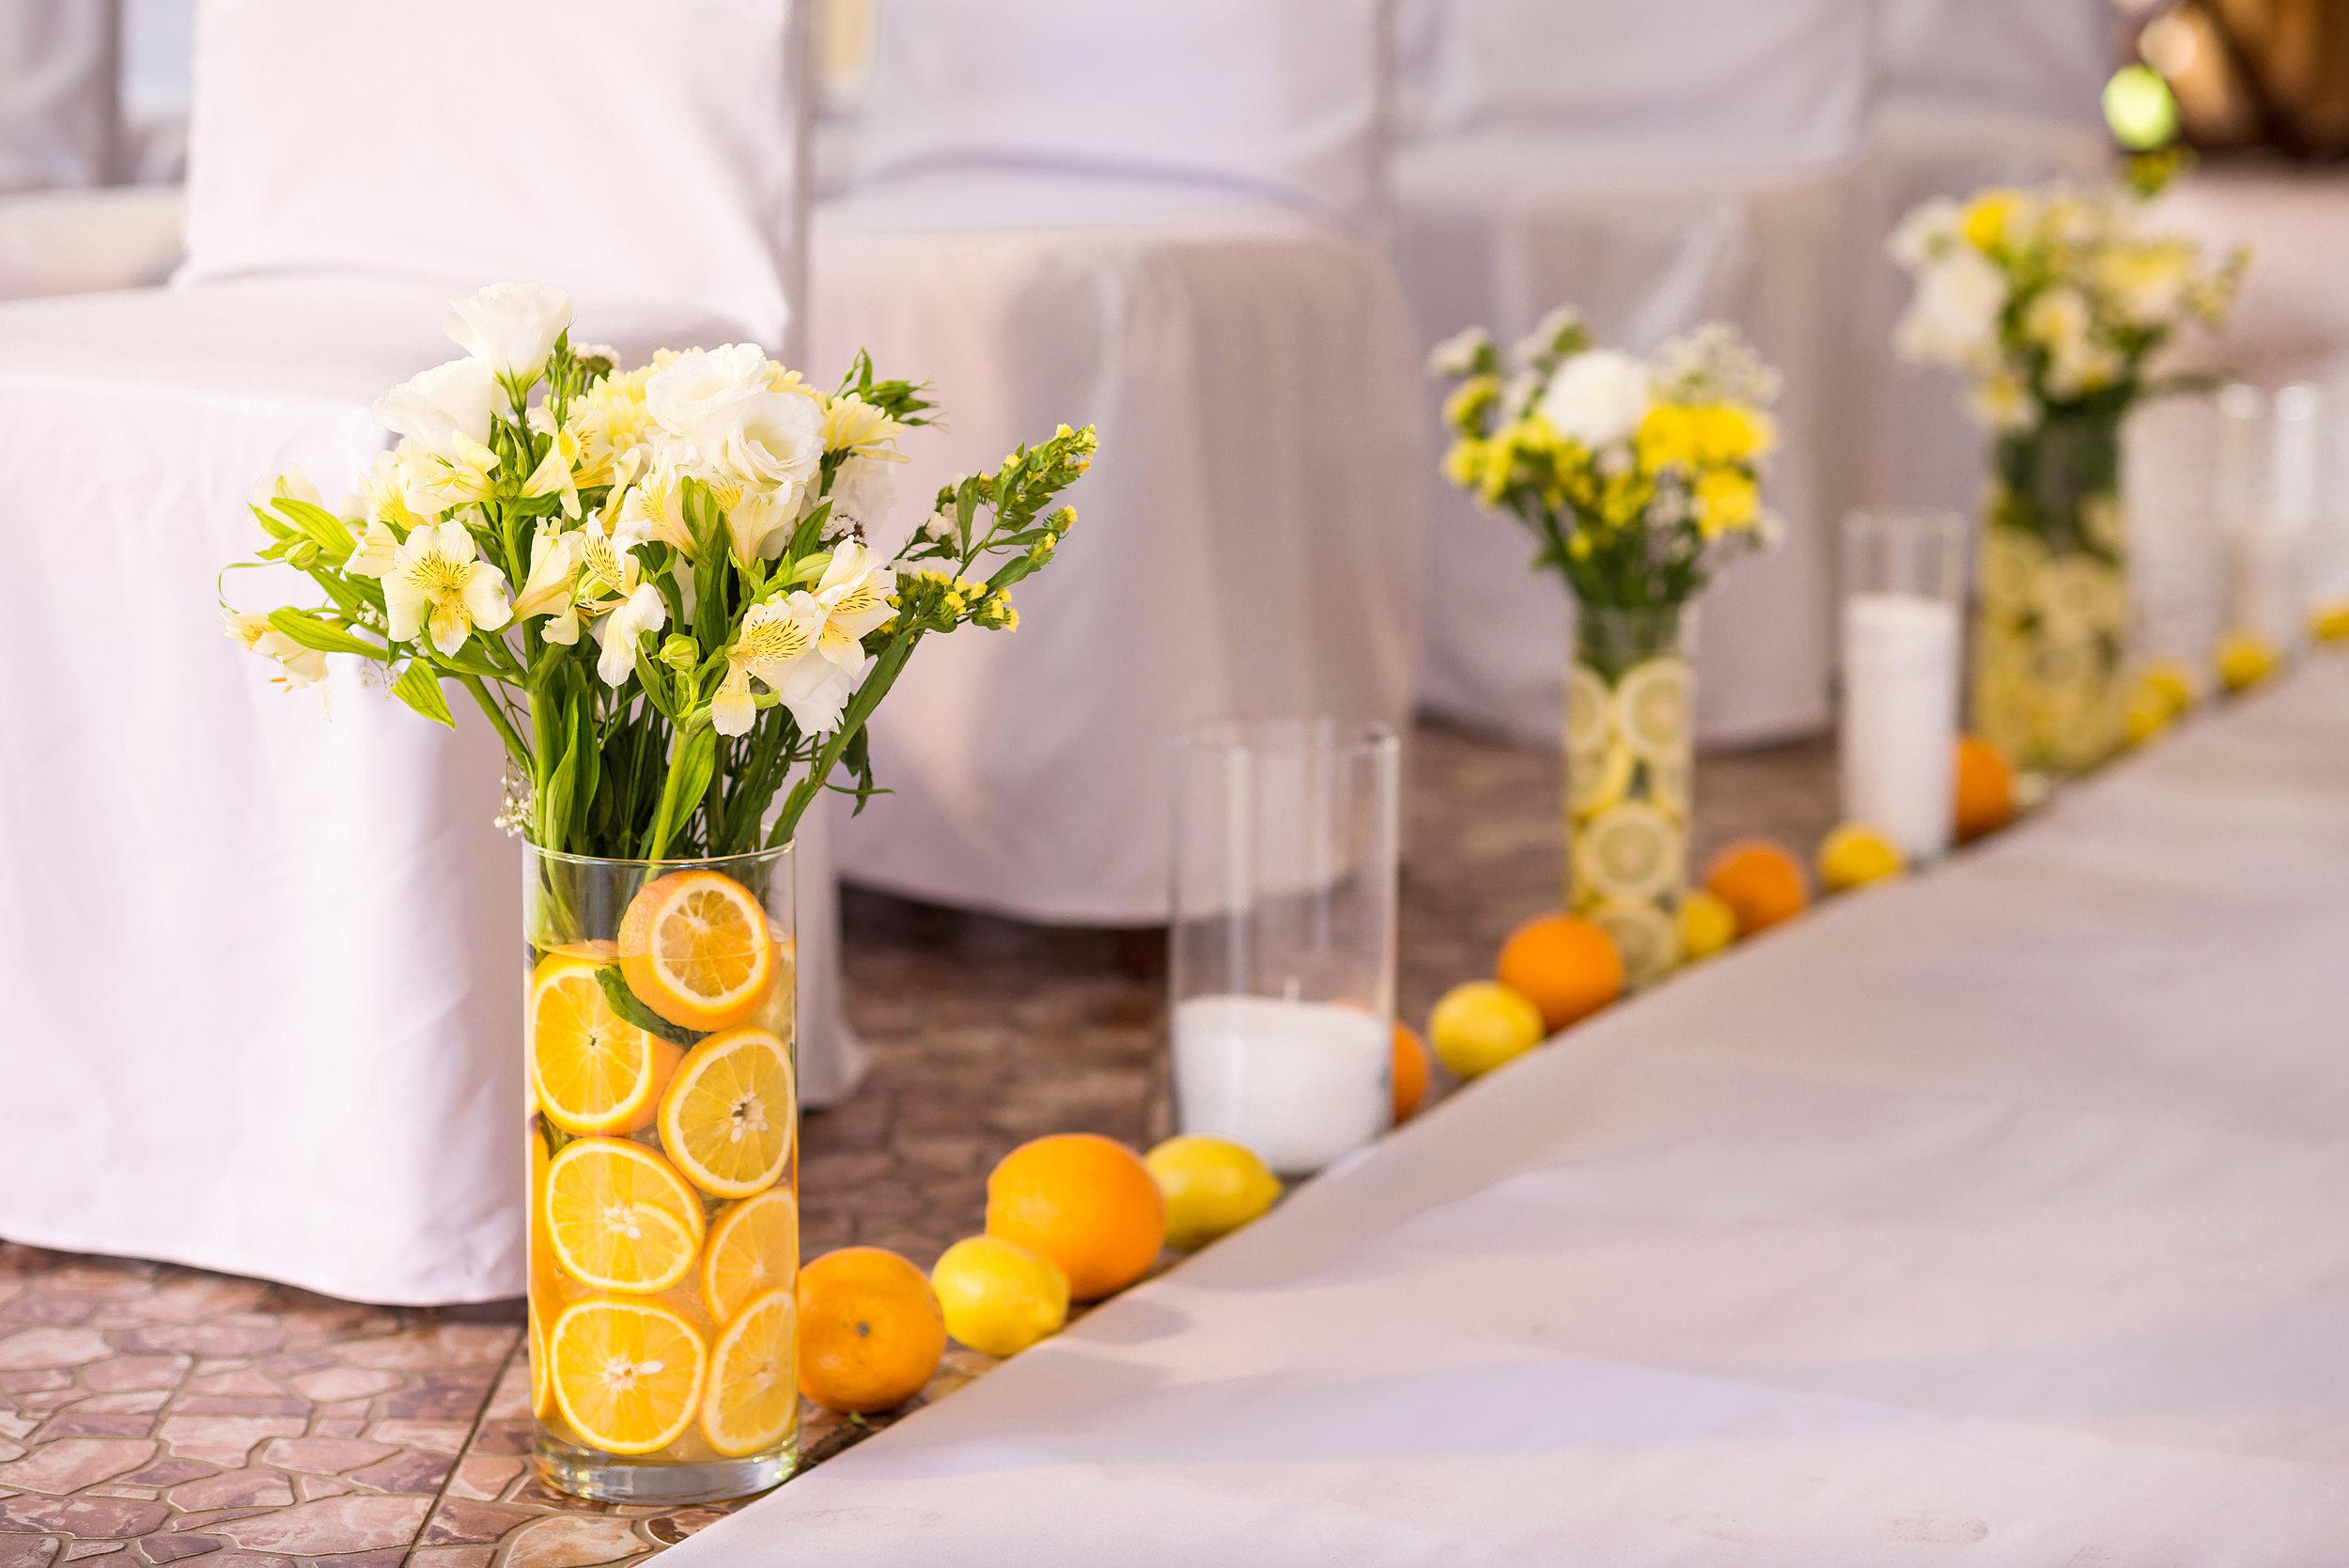 Citrus, Floral, & Candle Arrangements